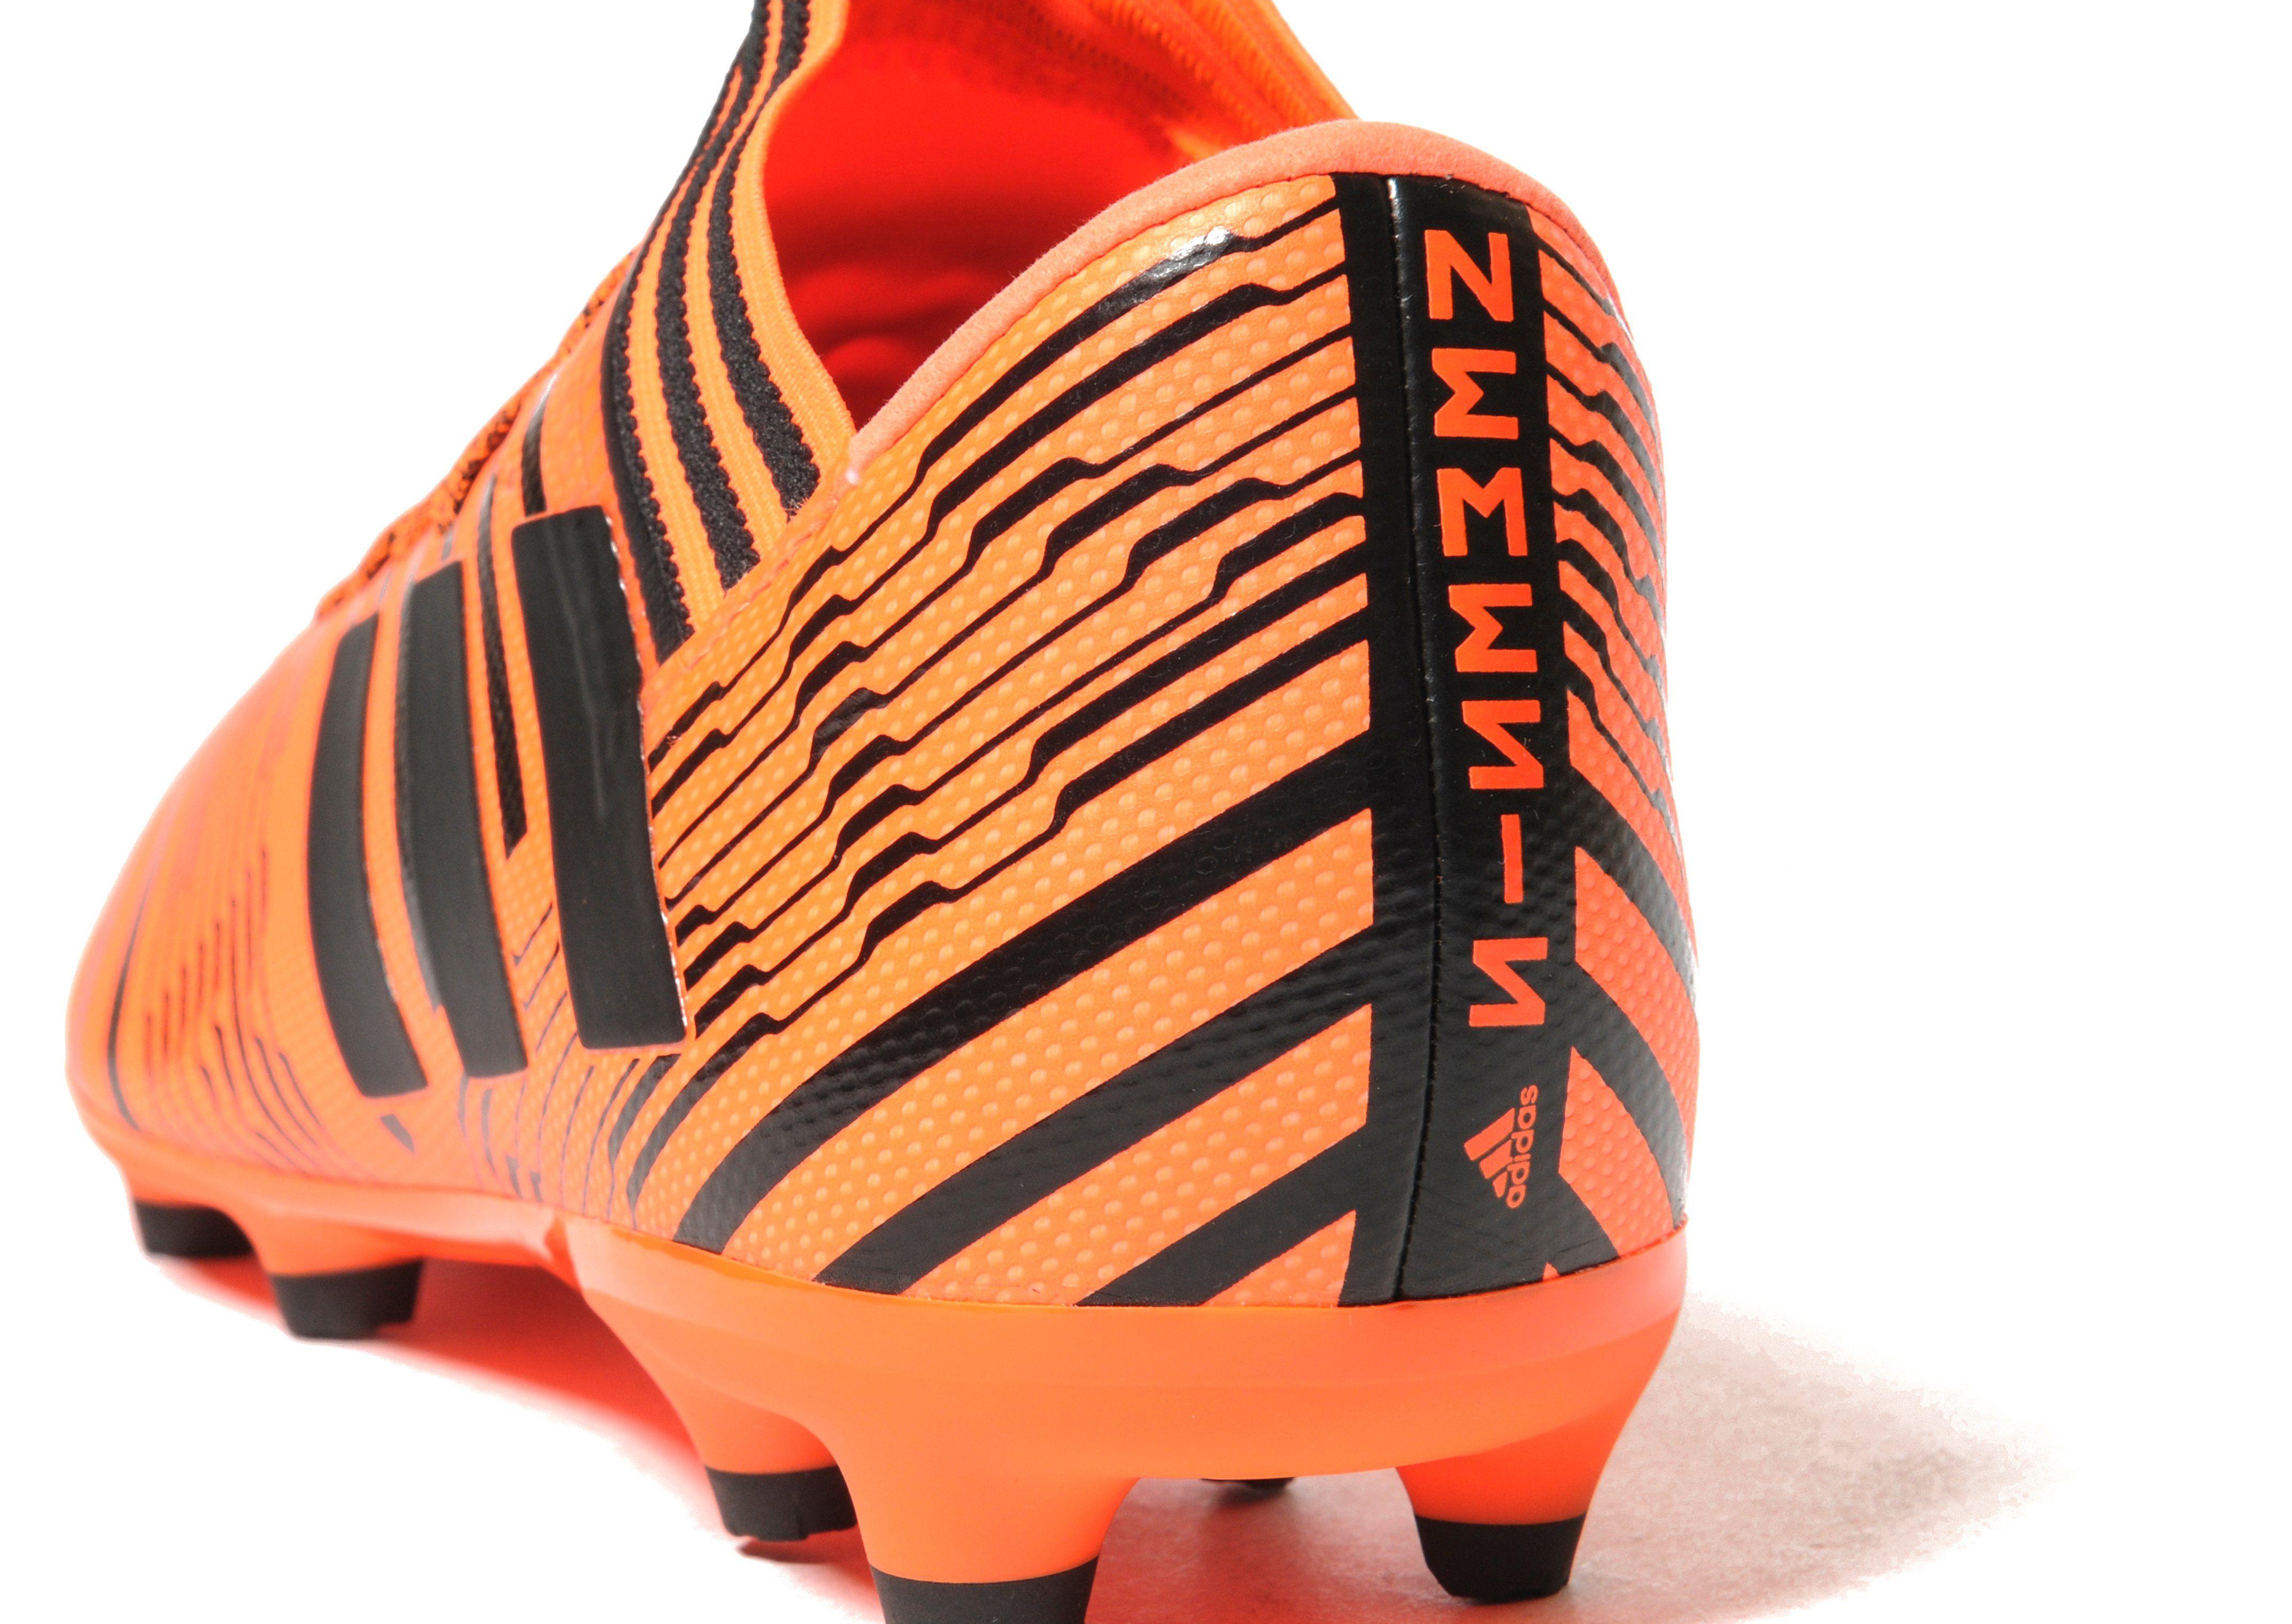 Geschäft adidas Pyro Storm Nemeziz 17.3 FG Junior Orange Original Verkauf Der Neuen Ankunft 7epdugUY